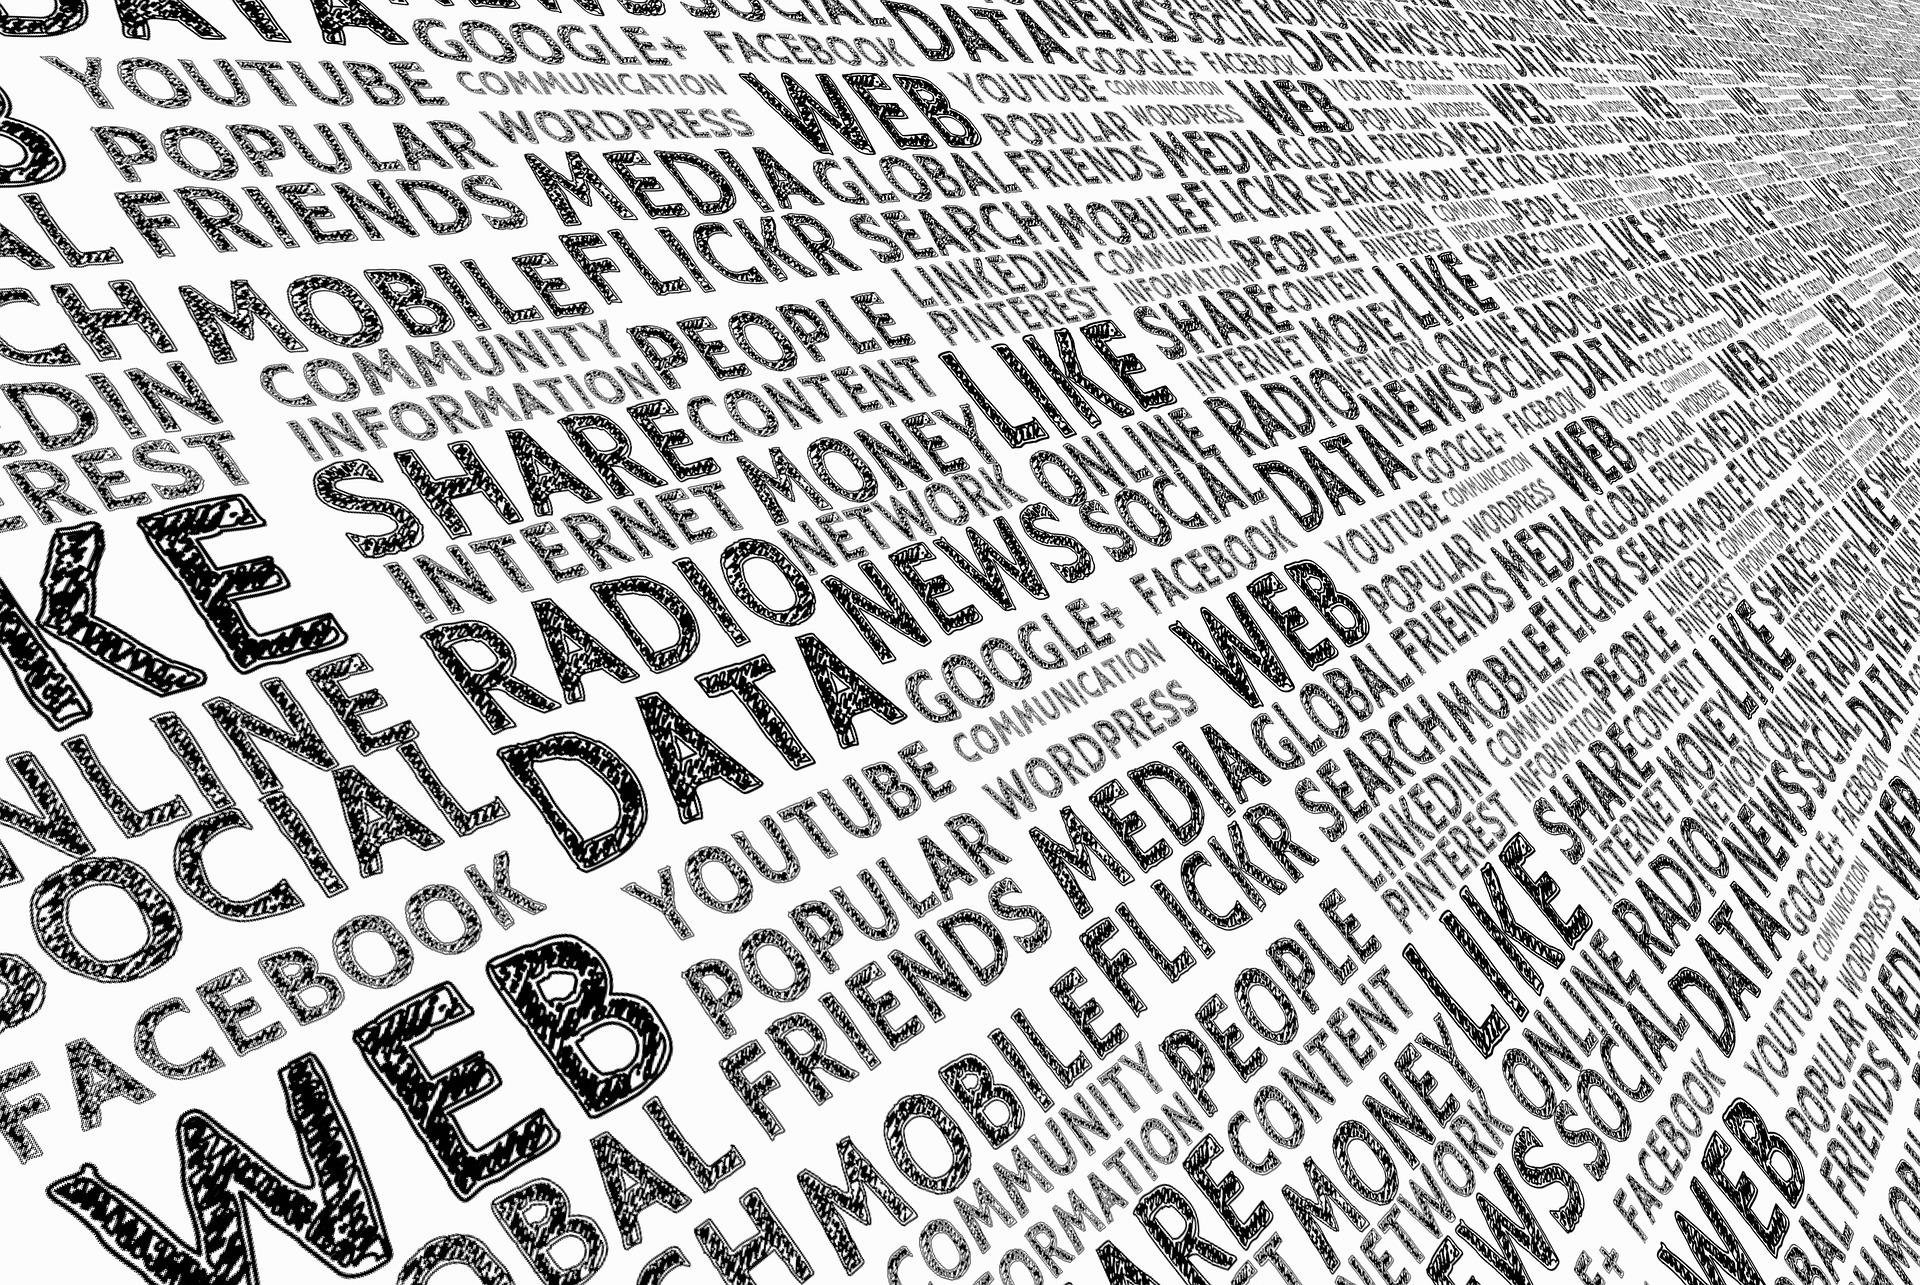 makine öğrenmesinde verilerin değeri nedir?